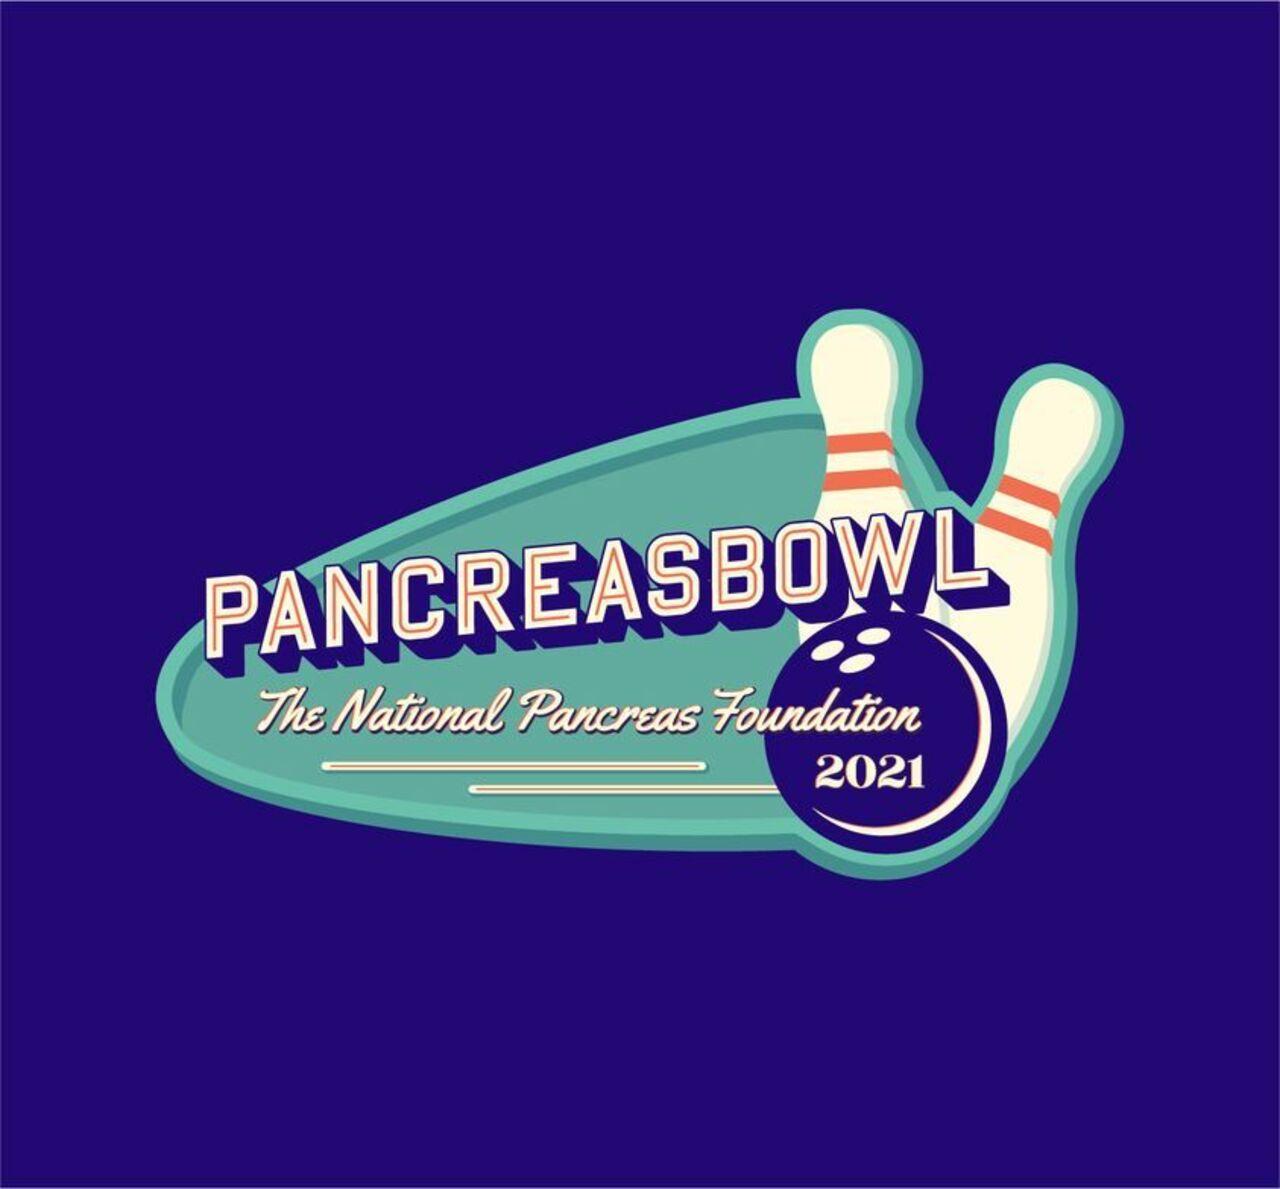 PancreasBowl